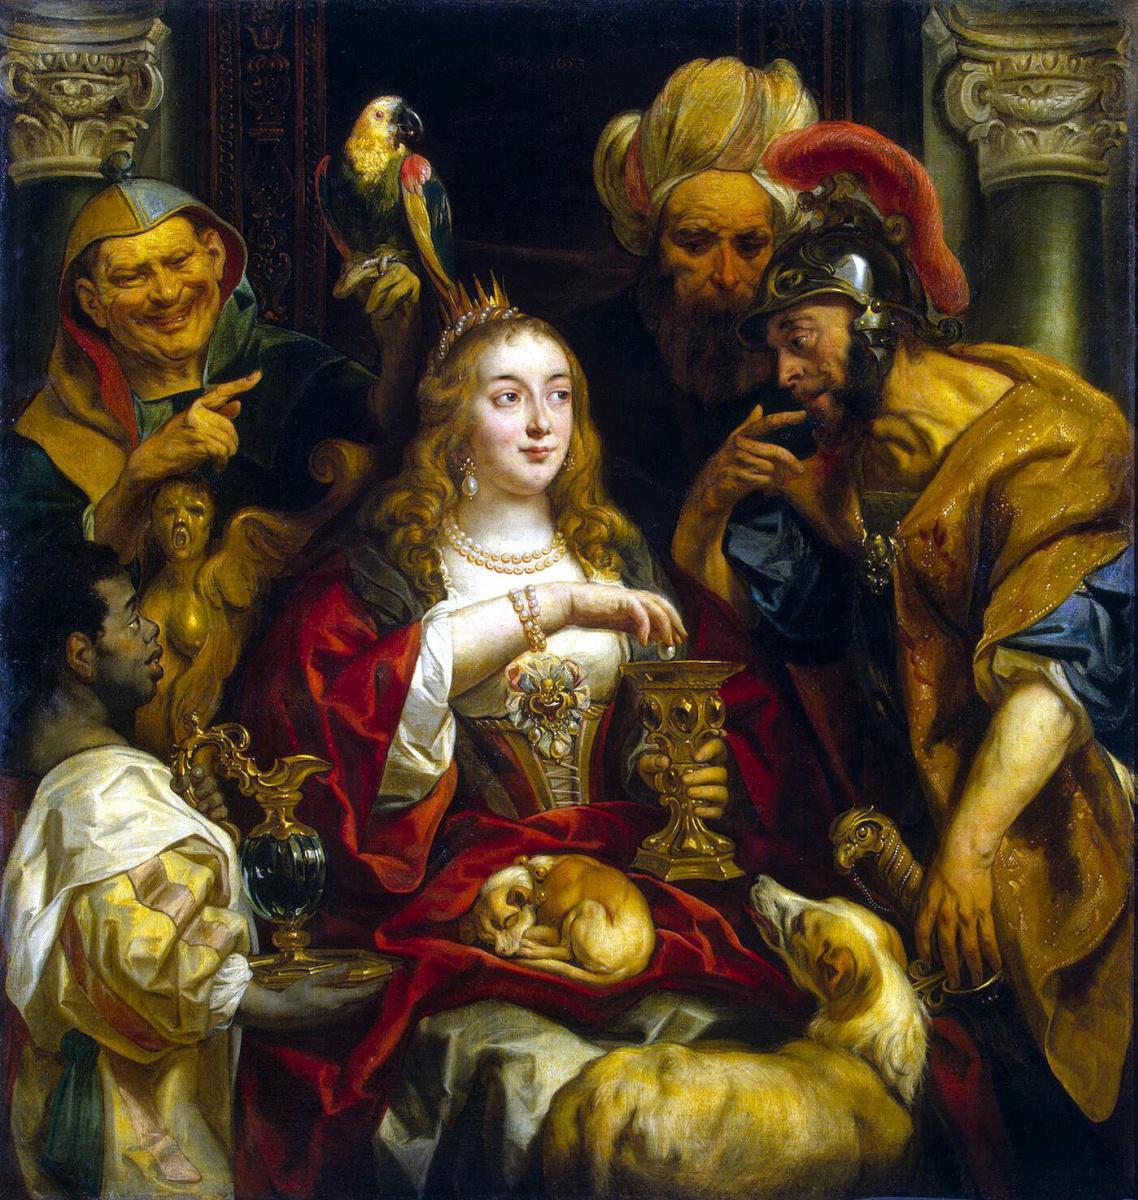 Jacob Jordaens. Cleopatra's Feast